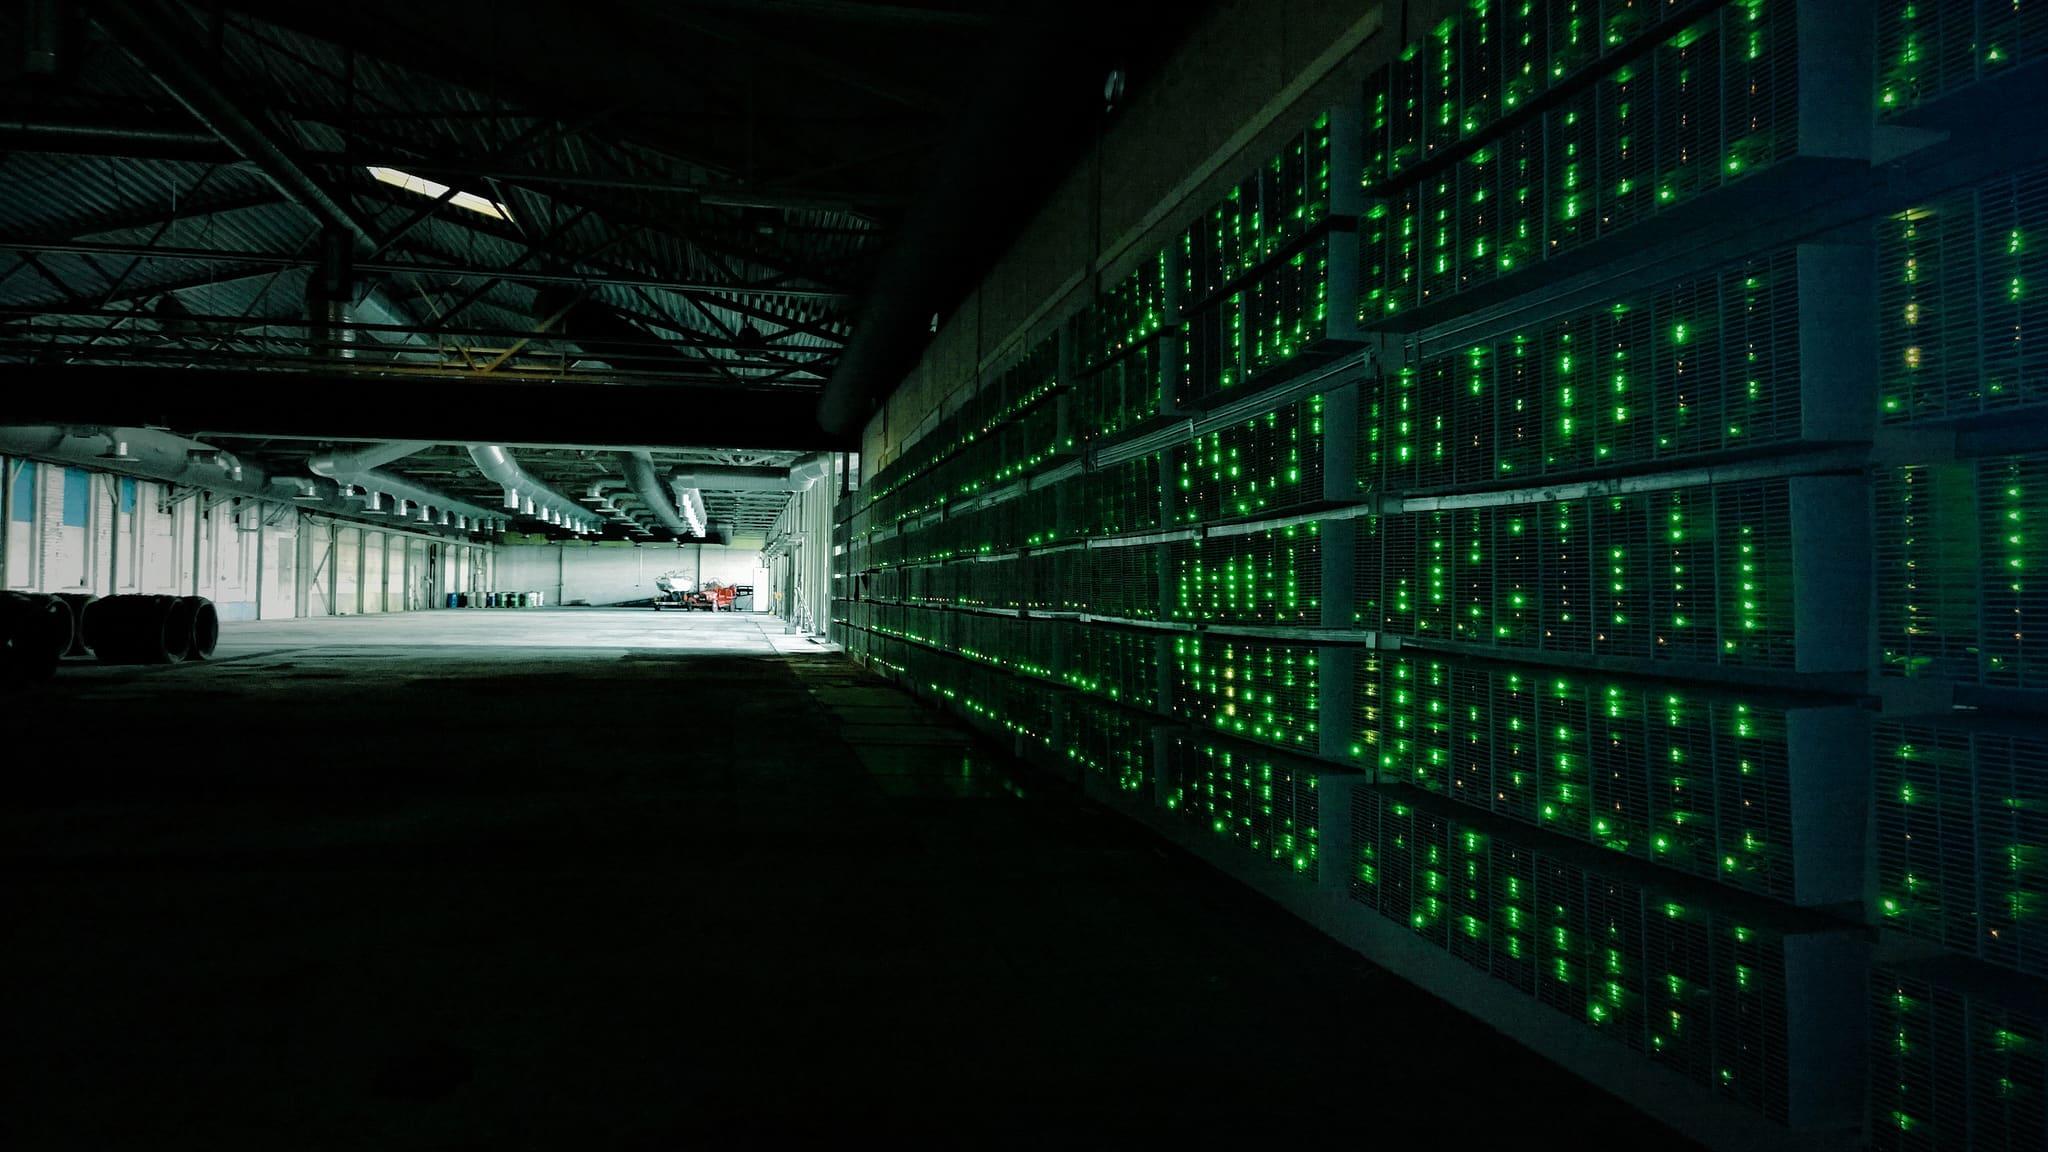 giá bitcoin: 123 triệu terahash/giây là kỉ lục mới của hash rate mạng lưới Bitcoin